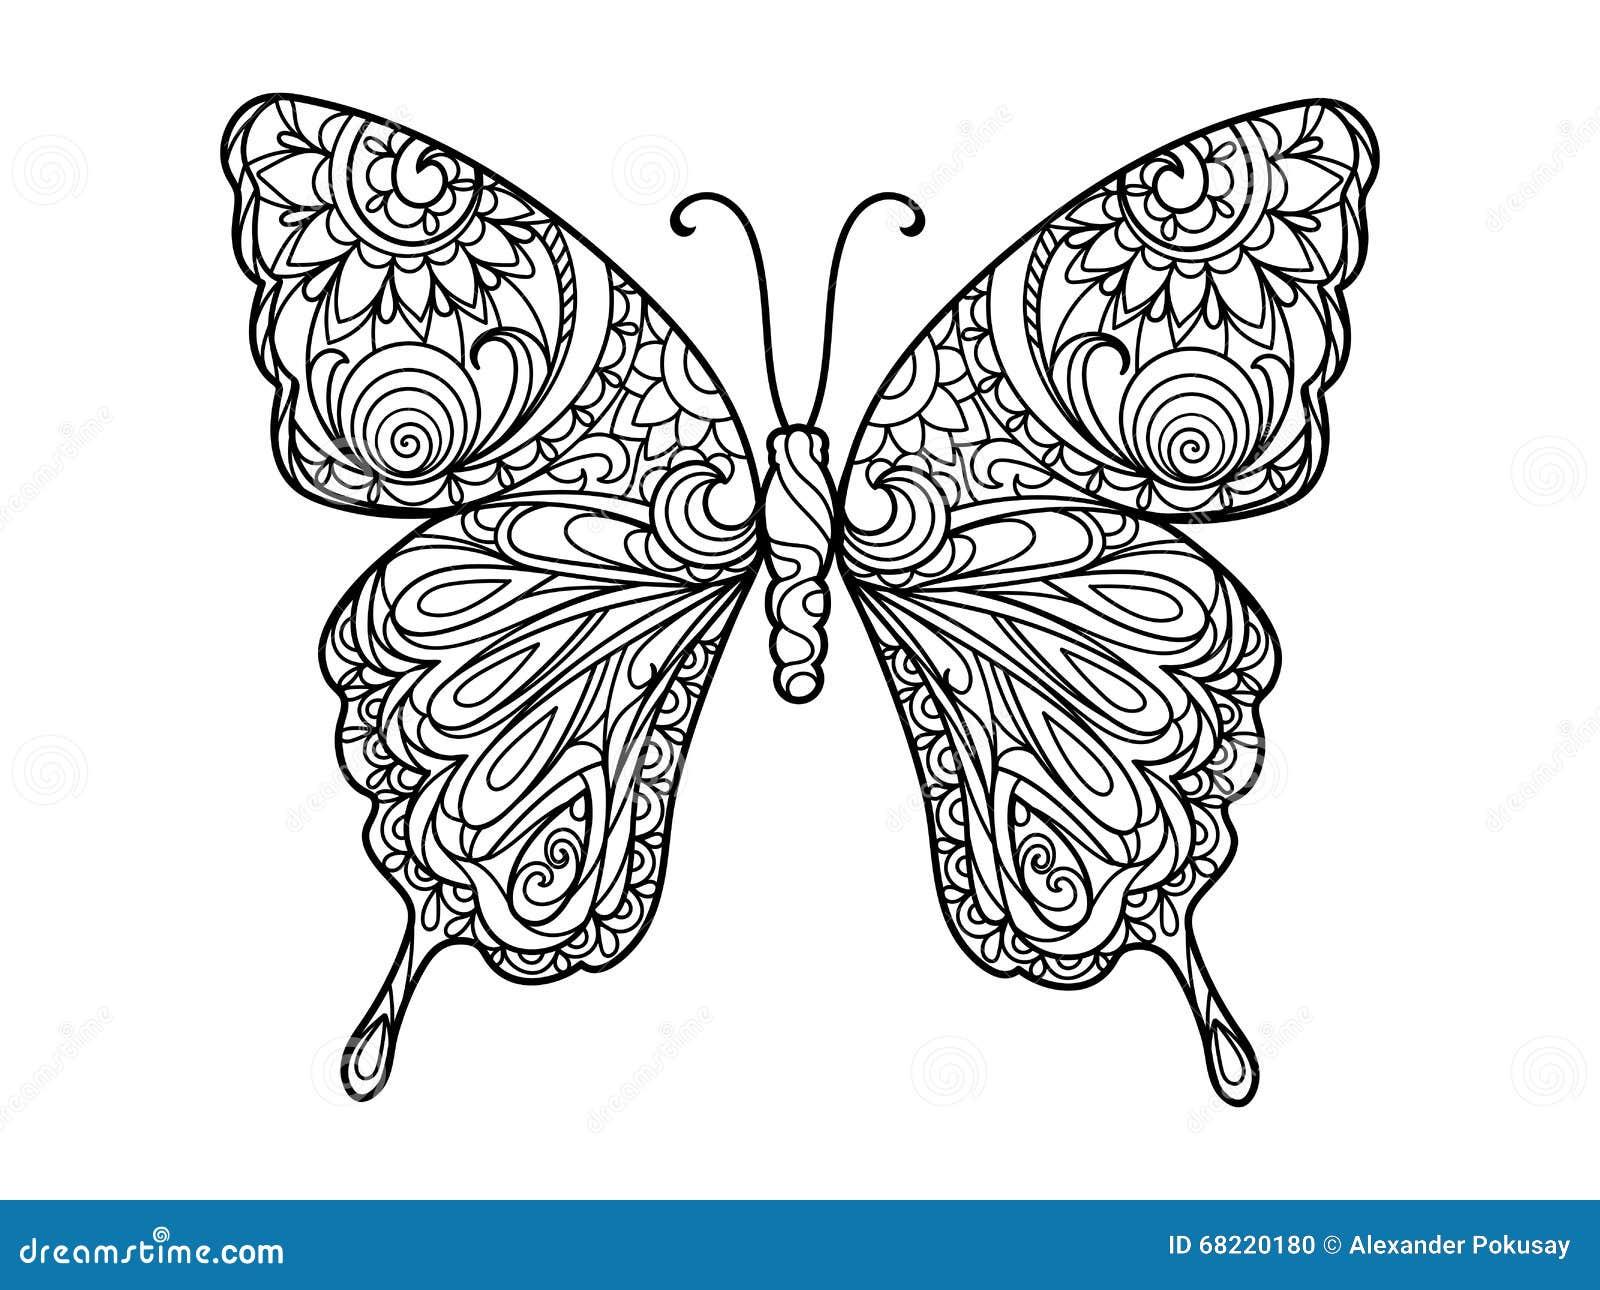 adulte coloration d illustration l livre papillon vecteur tatouage dessin